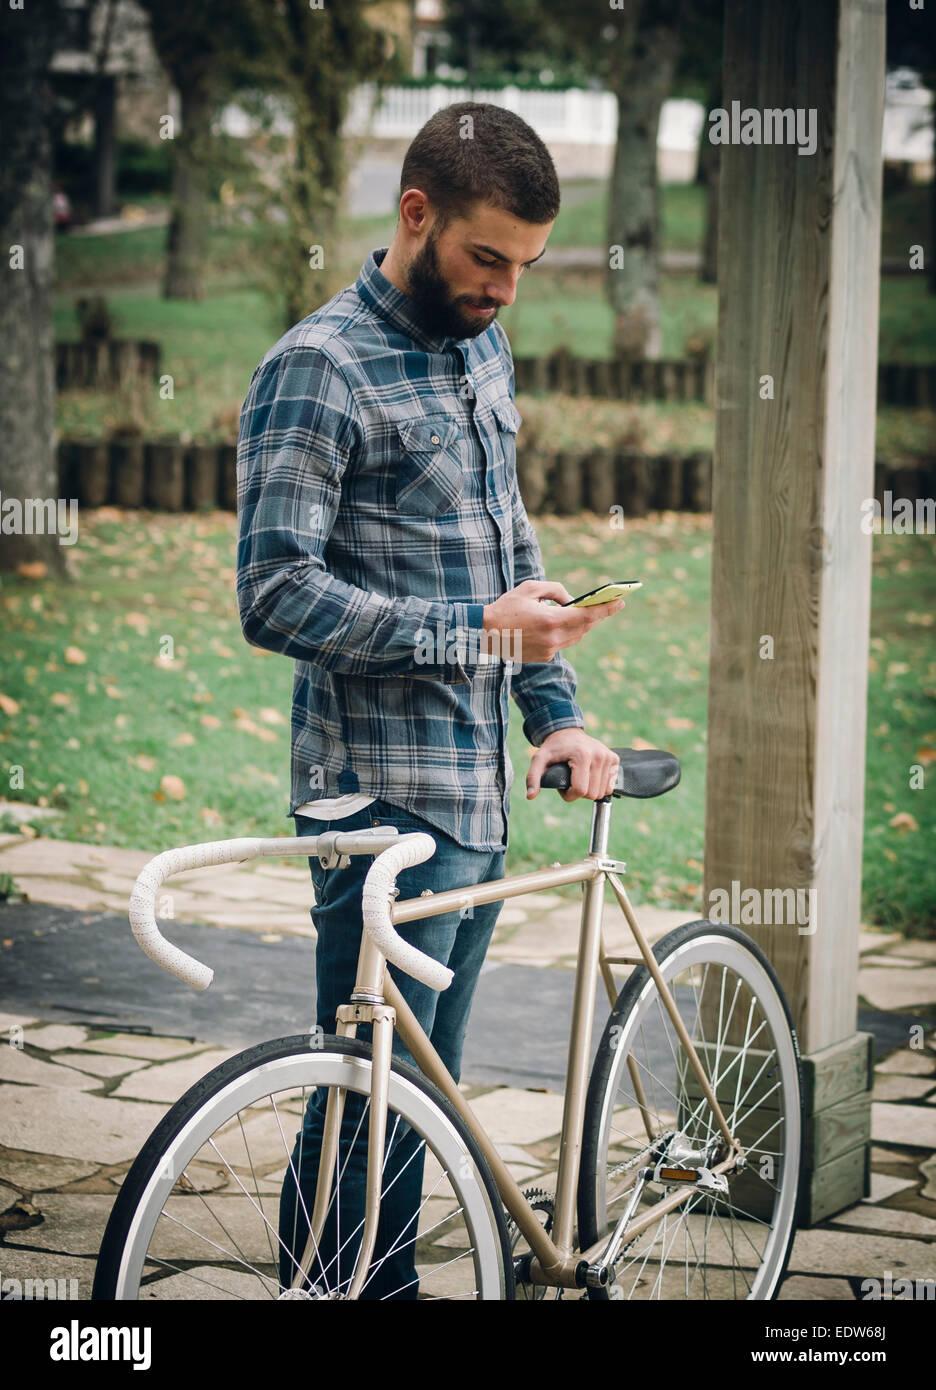 Hipster hombre con una bicicleta fixie y smartphone en un parque al aire libre Imagen De Stock